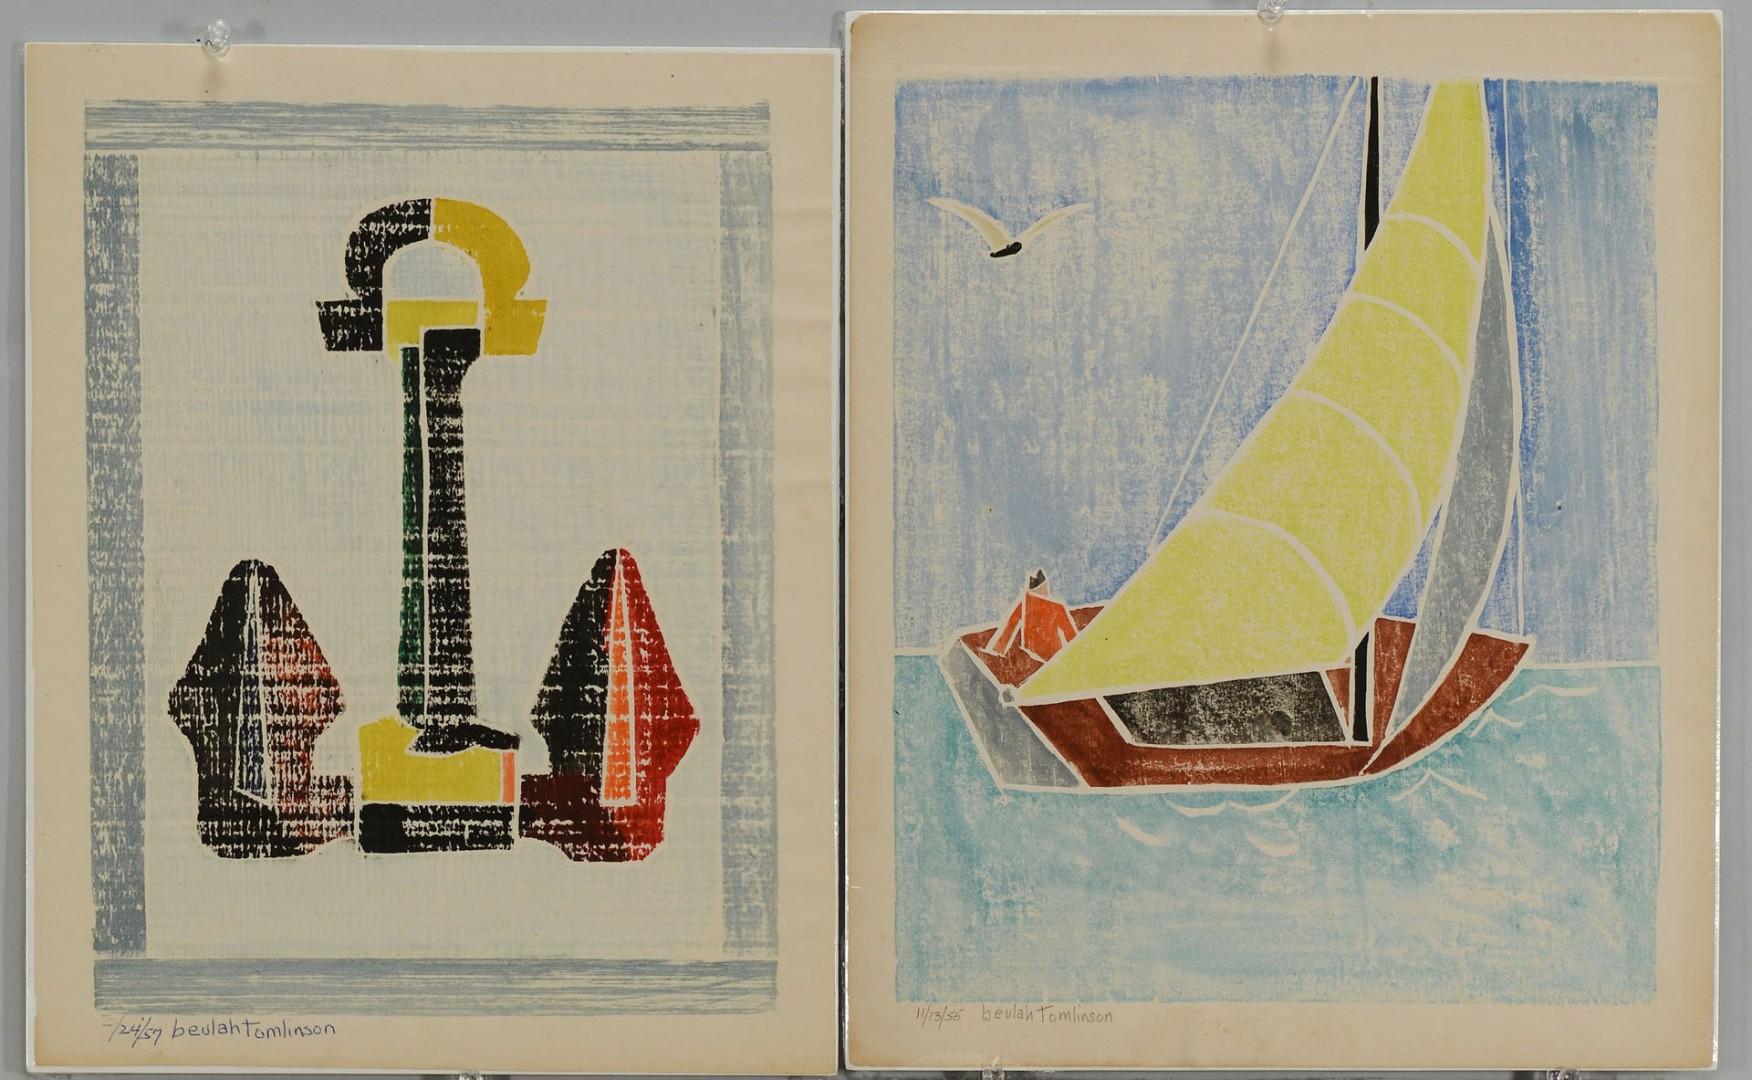 4 Beulah Tomlinson Block Prints: Boats/Anchors